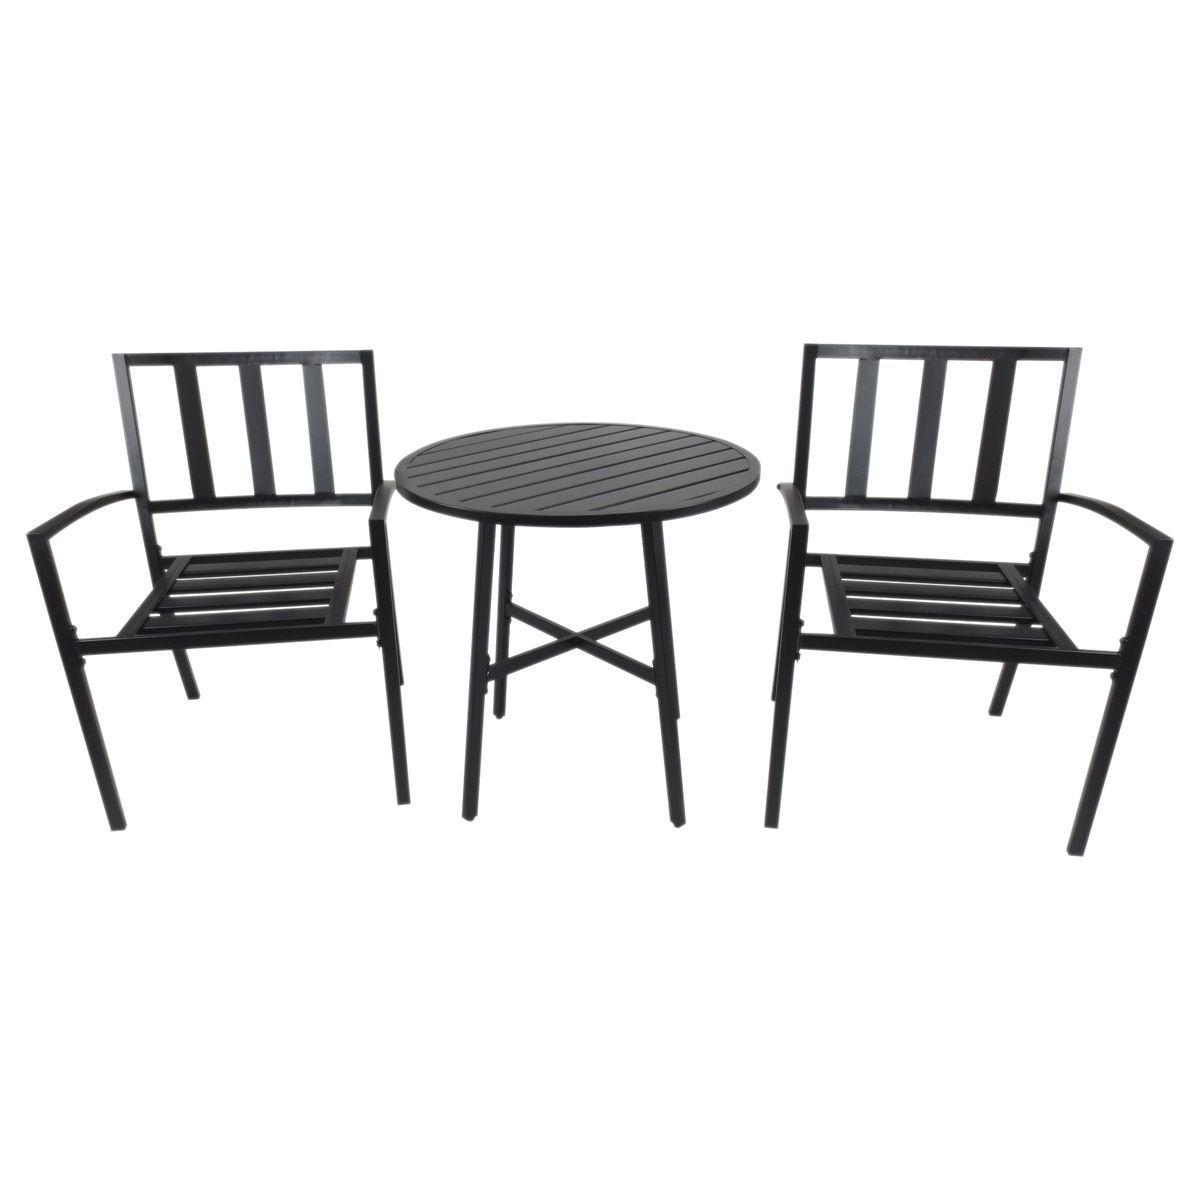 Salon De Jardin Bistrot 2 Pers. + Table Ronde Métal Époxy Noir ...